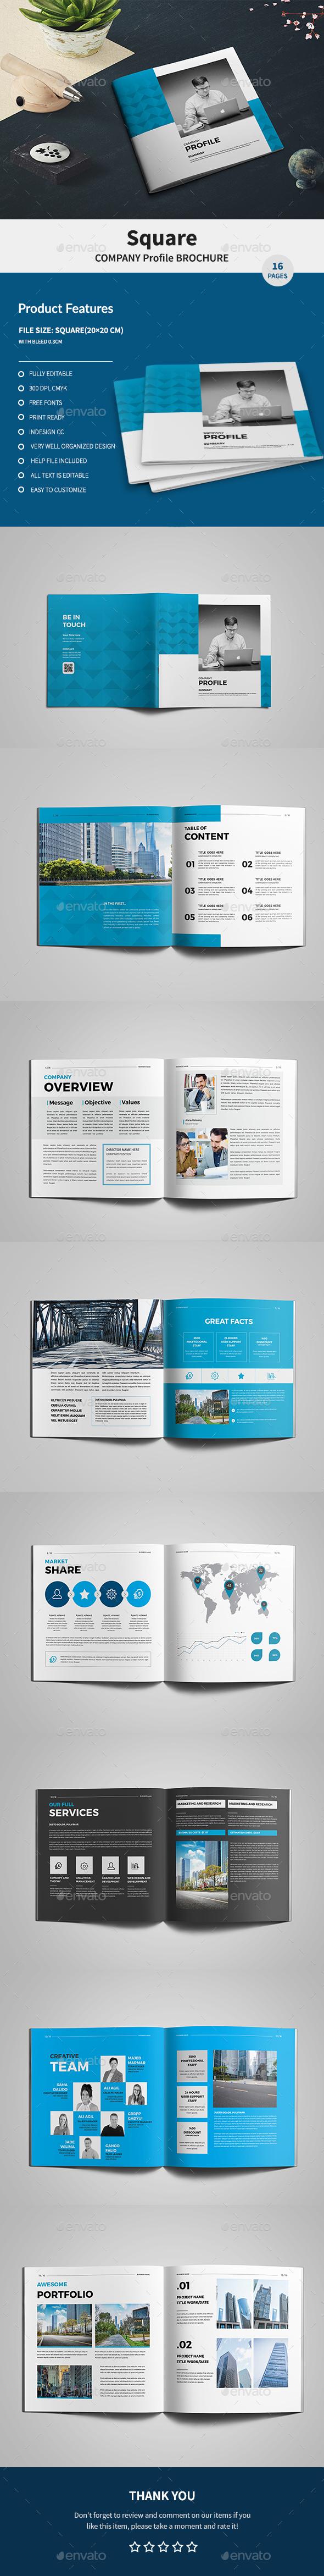 Square Company Profile Brochure - Corporate Brochures